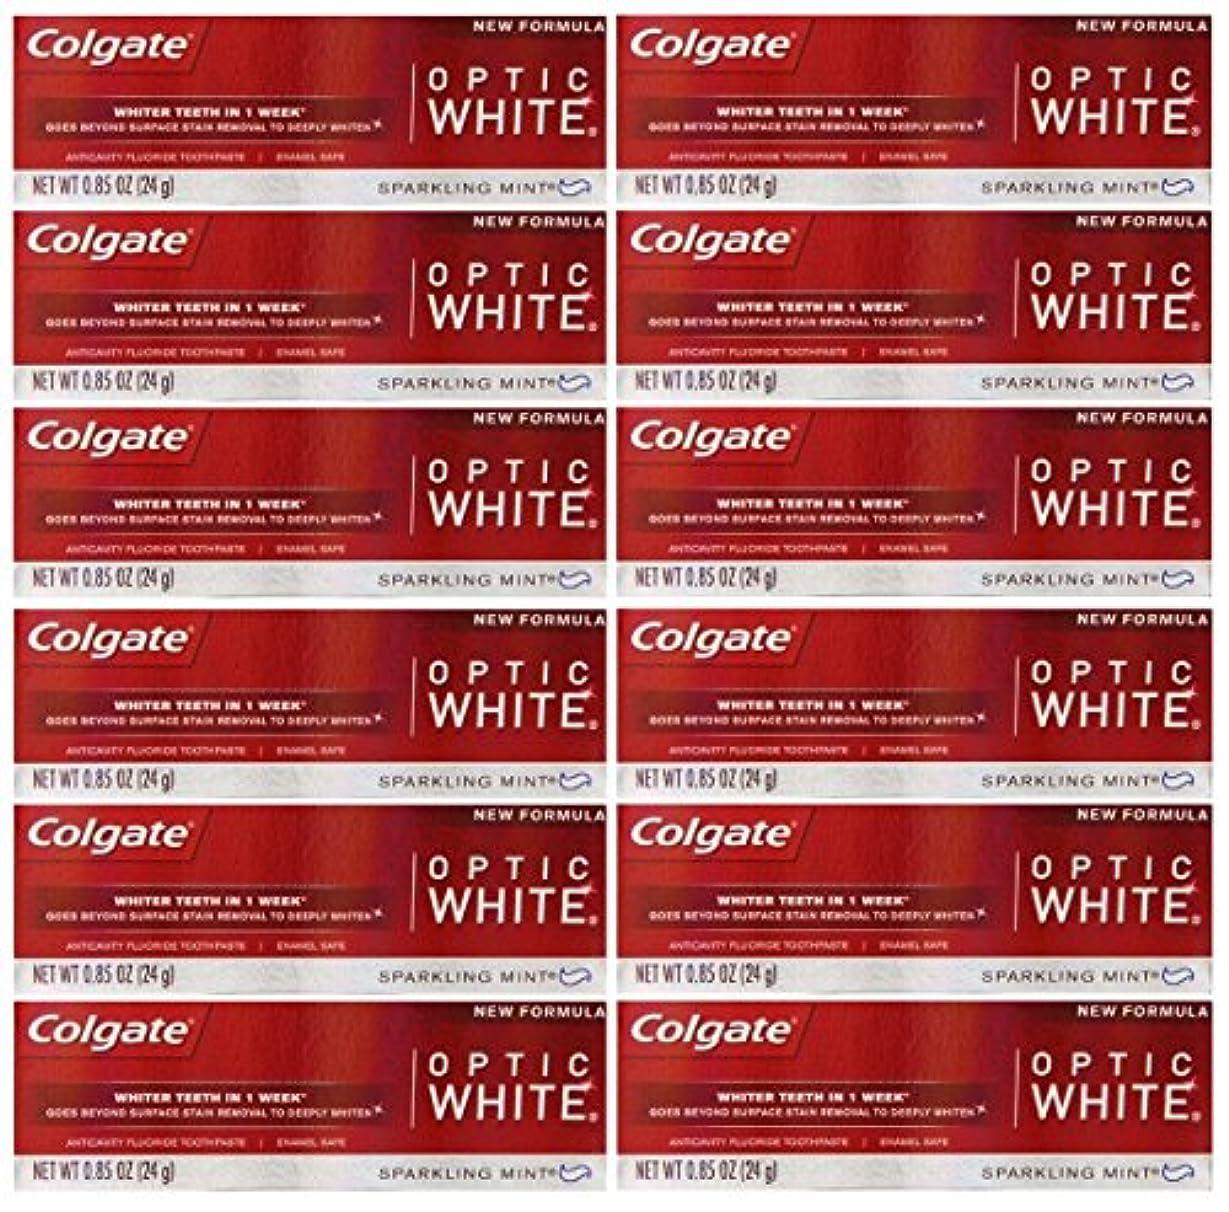 結婚骨の折れる打ち上げるColgate 12パック - ハミガキ、スパークリングホワイト、スパークリングミント、トラベルサイズ0.85オンスホワイトニングオプティックホワイト歯